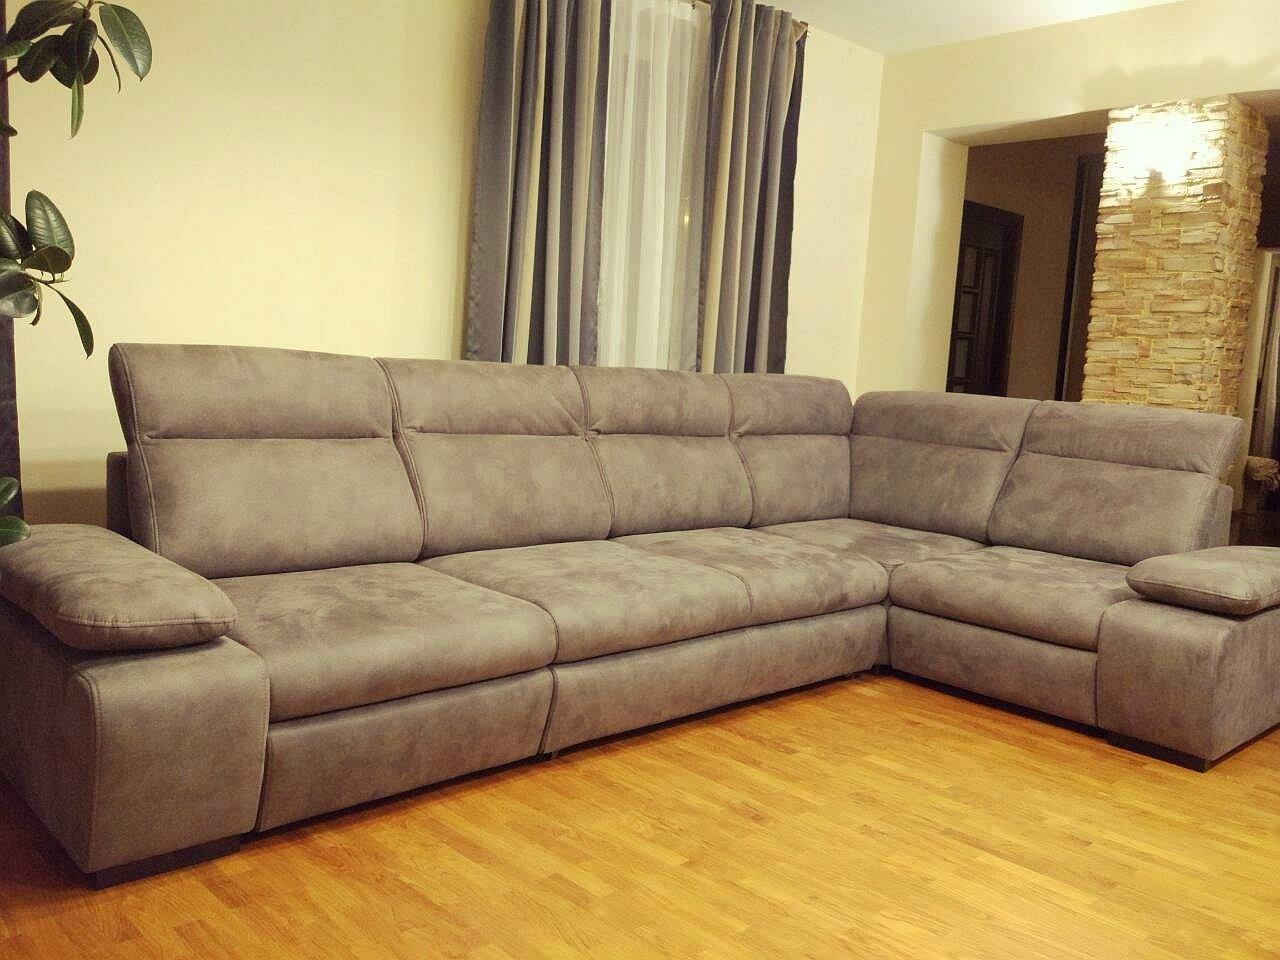 угловой диван венеция фото последним подсчетам, около